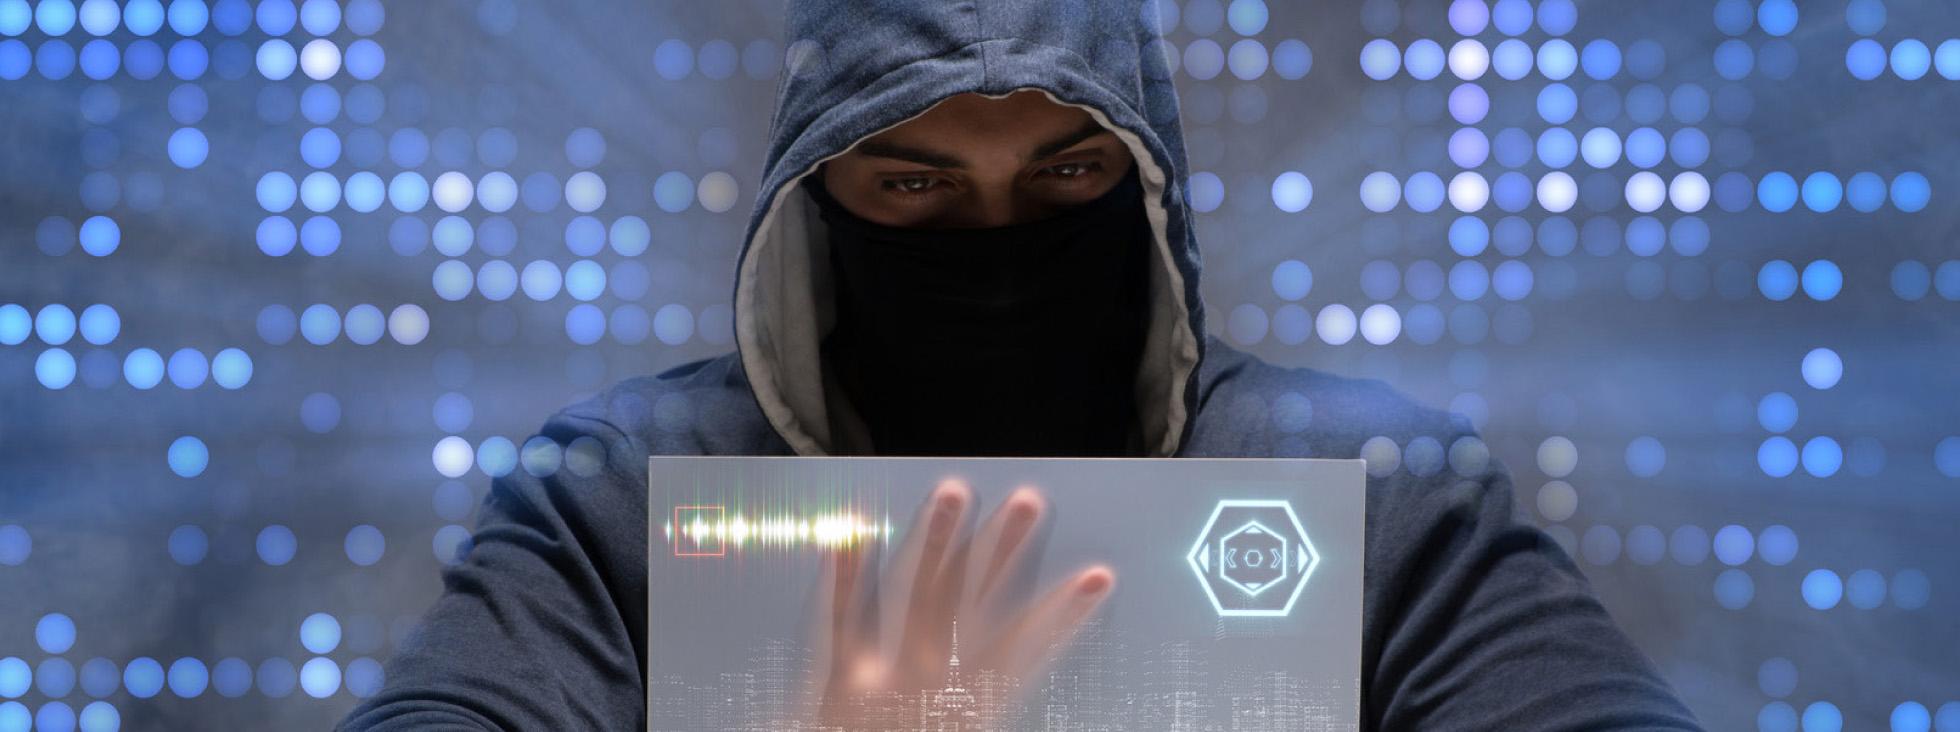 violación de datos-rgpd